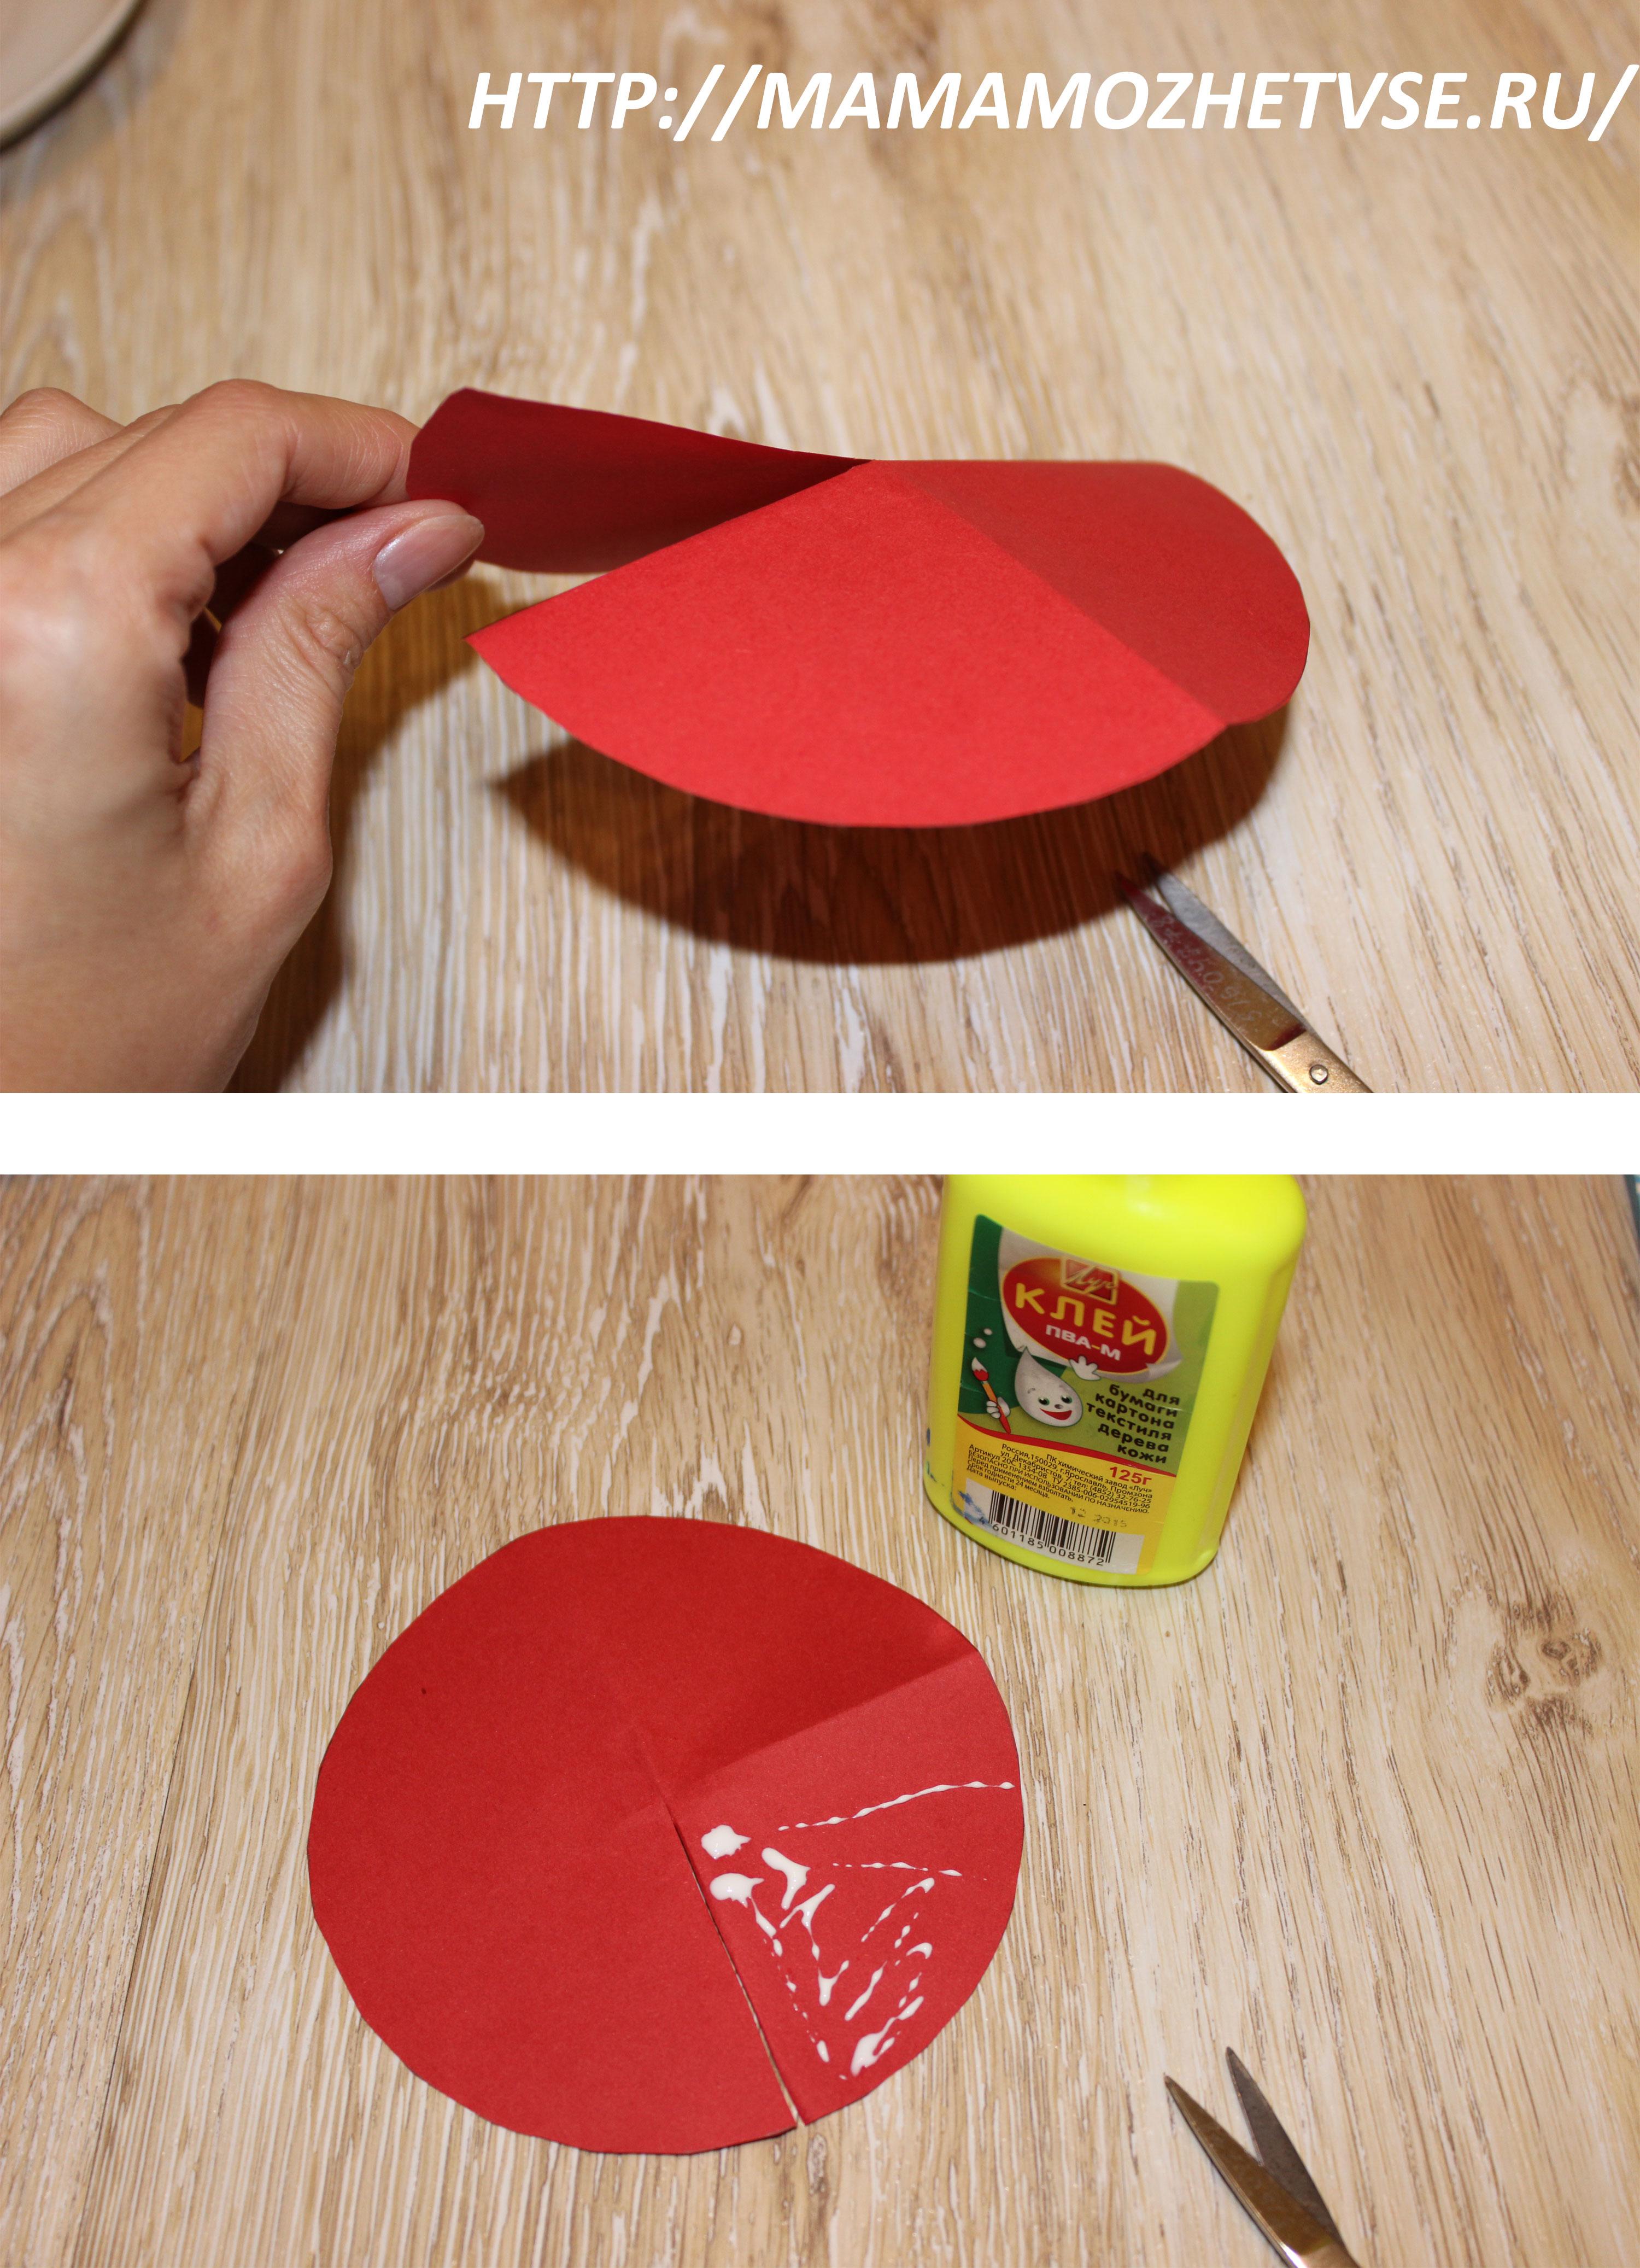 Как сделать шляпку из бумаги для поделки